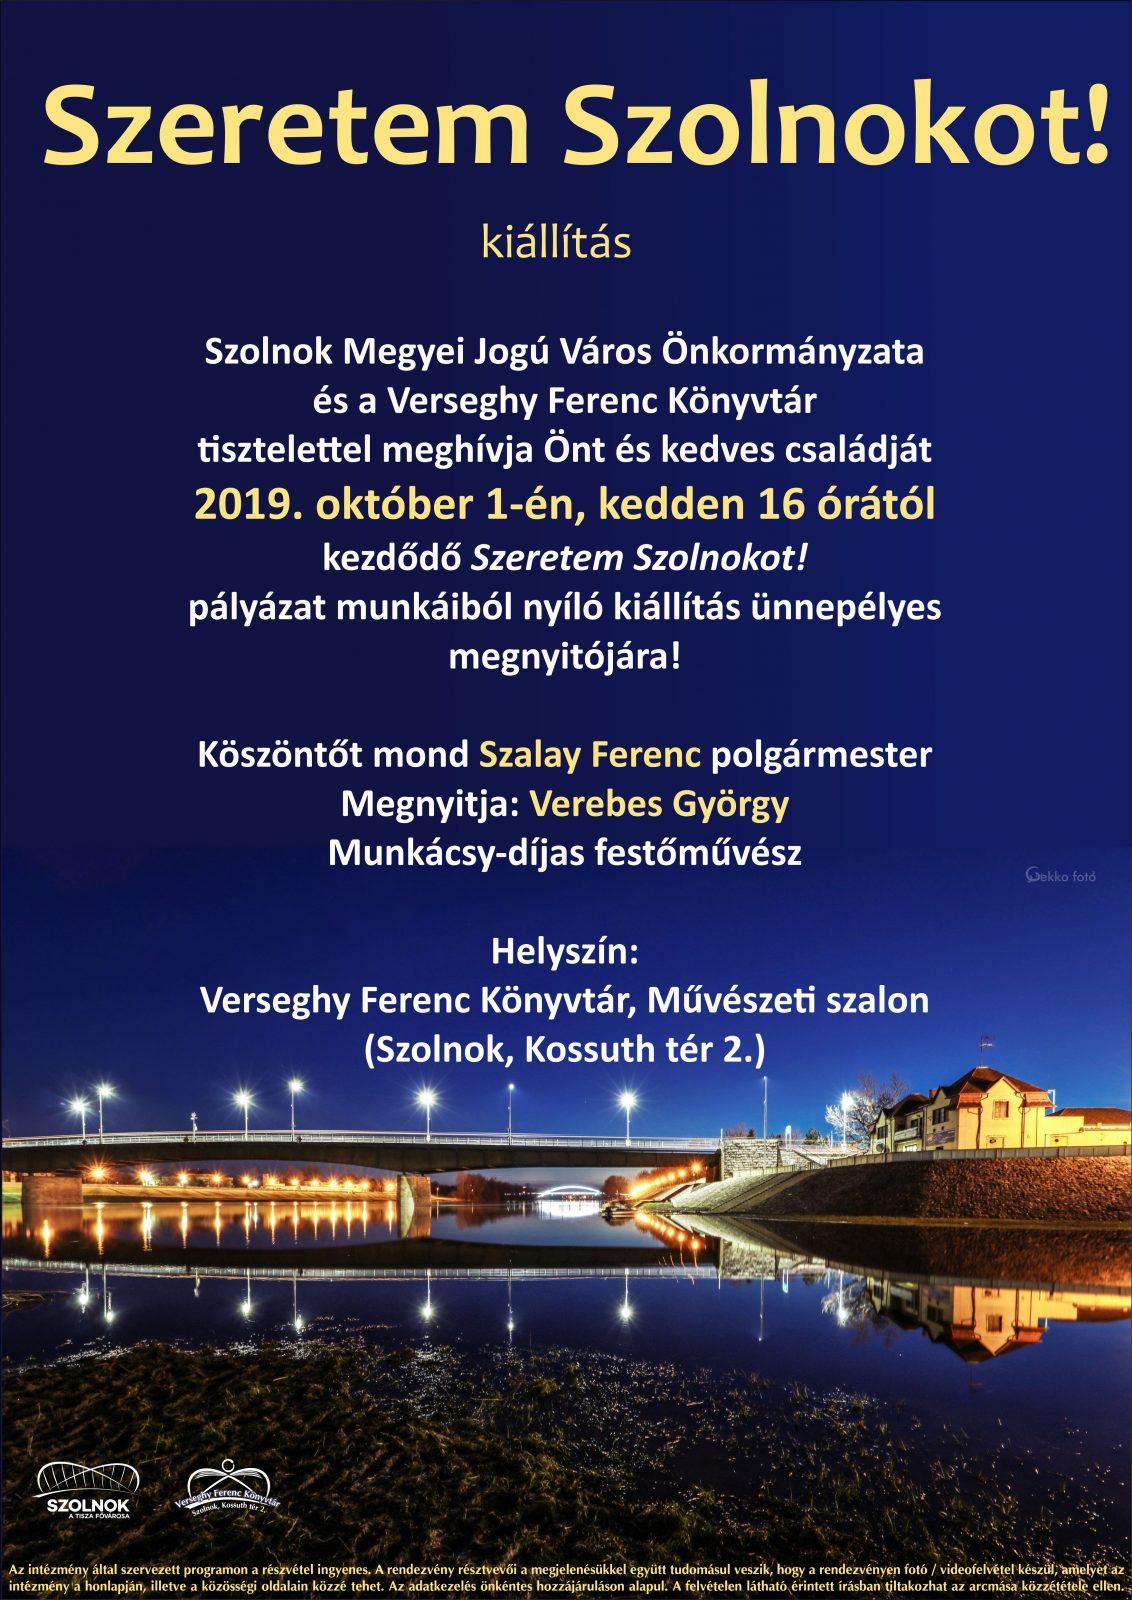 2019.10.01. Szeretem Szolnokot! kiállítás. Plakát.